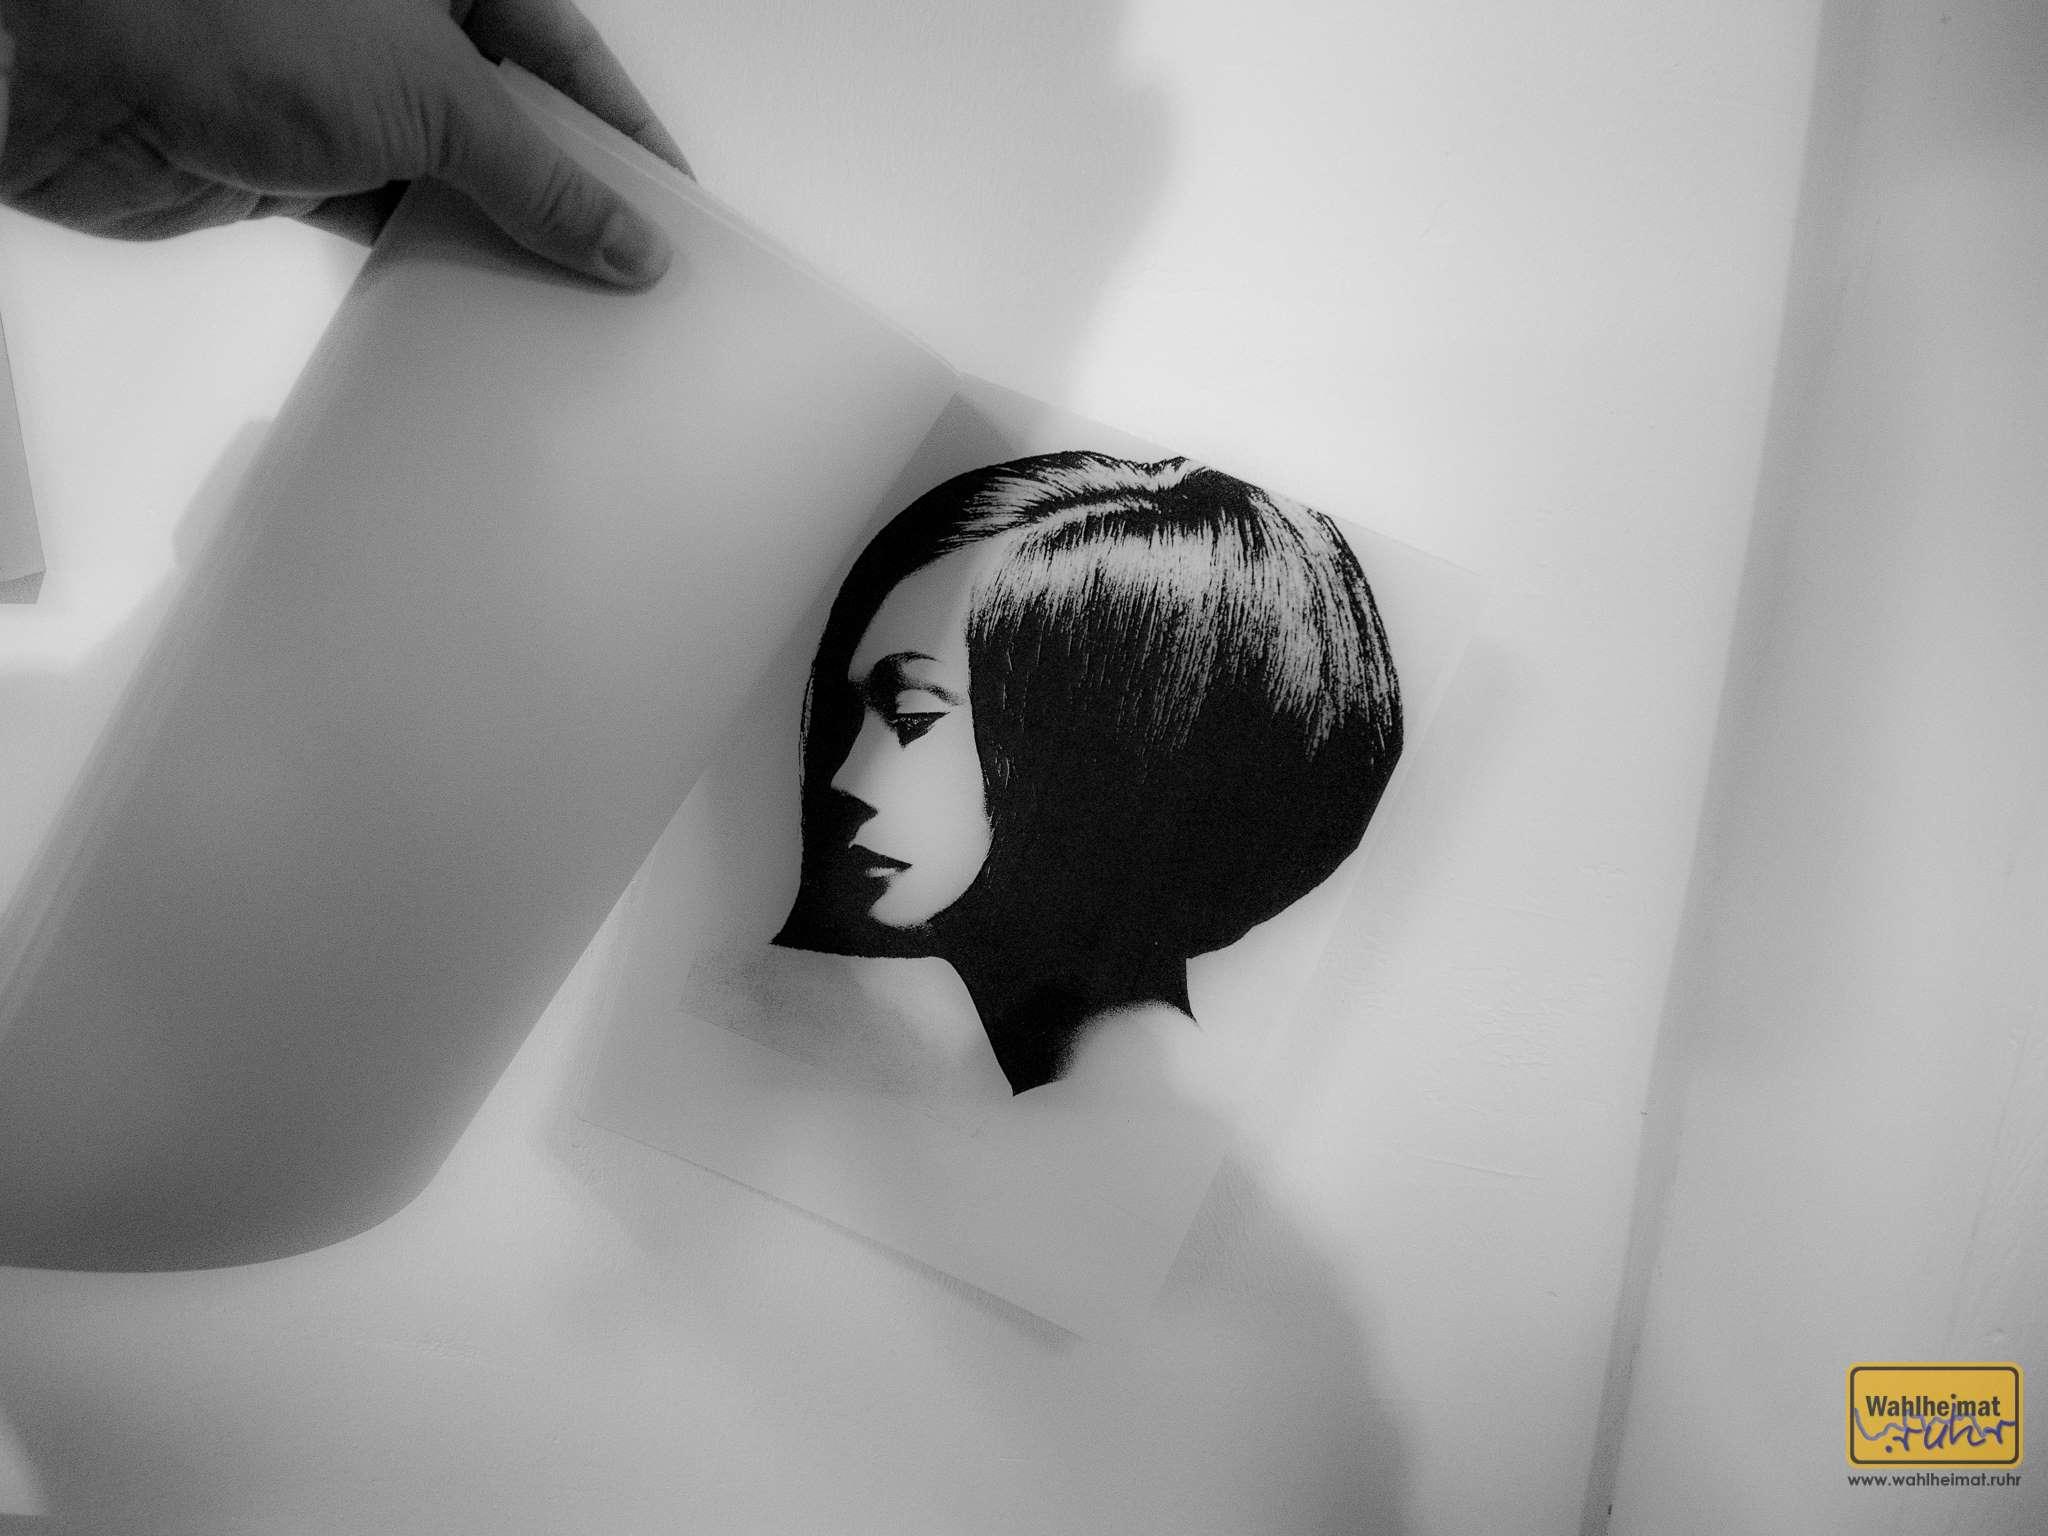 """Kuriose Leihgabe: """"Vidal Saassoon und das Bauhaus"""". Der Bob von Nancy Kwan sollte eine Frisur schaffen, die Frau selbst pflegen konnte."""